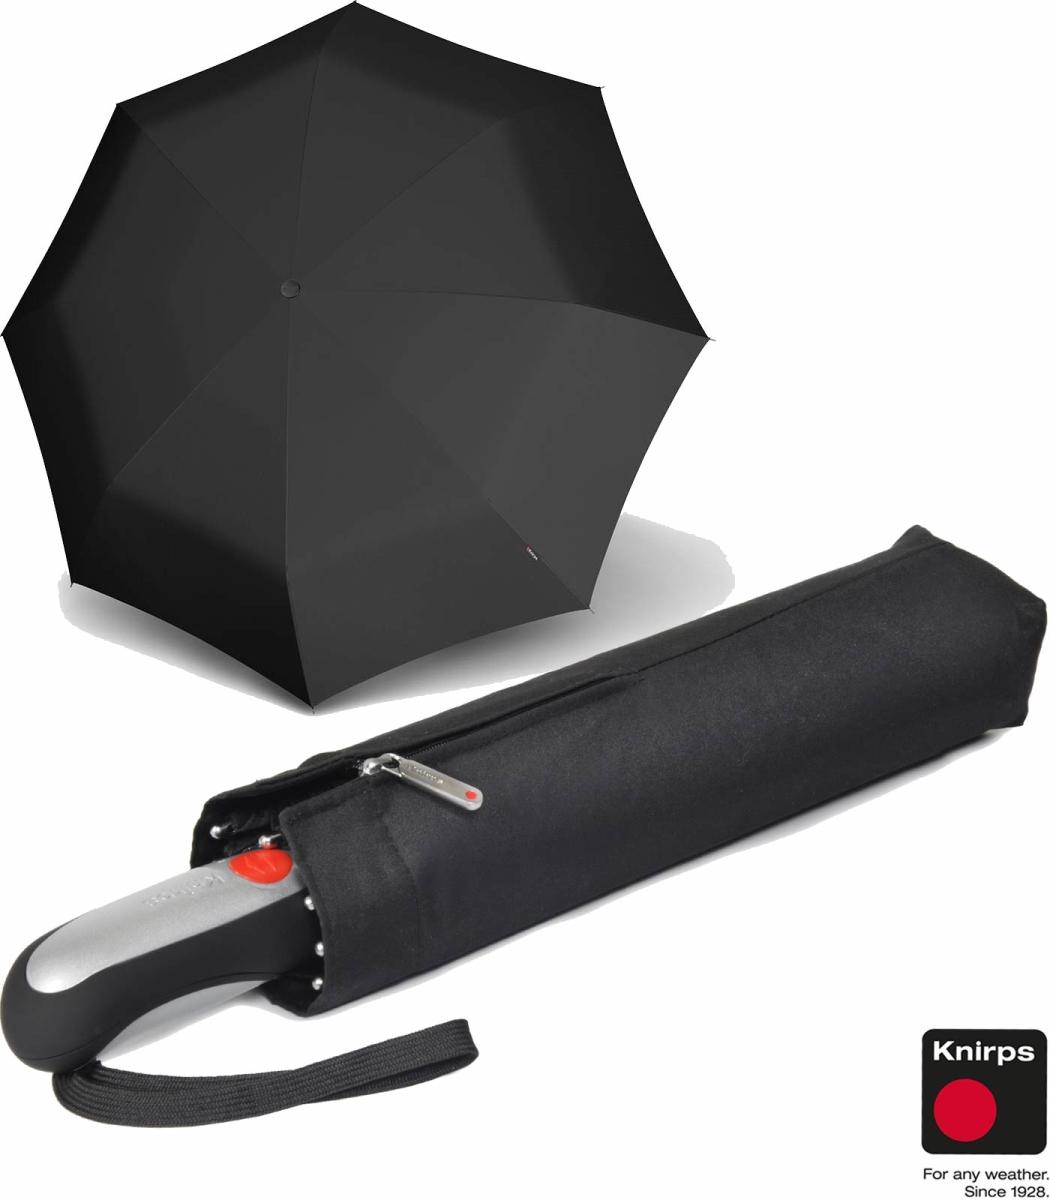 knirps herren taschen regenschirm big duomatic black 39 99. Black Bedroom Furniture Sets. Home Design Ideas